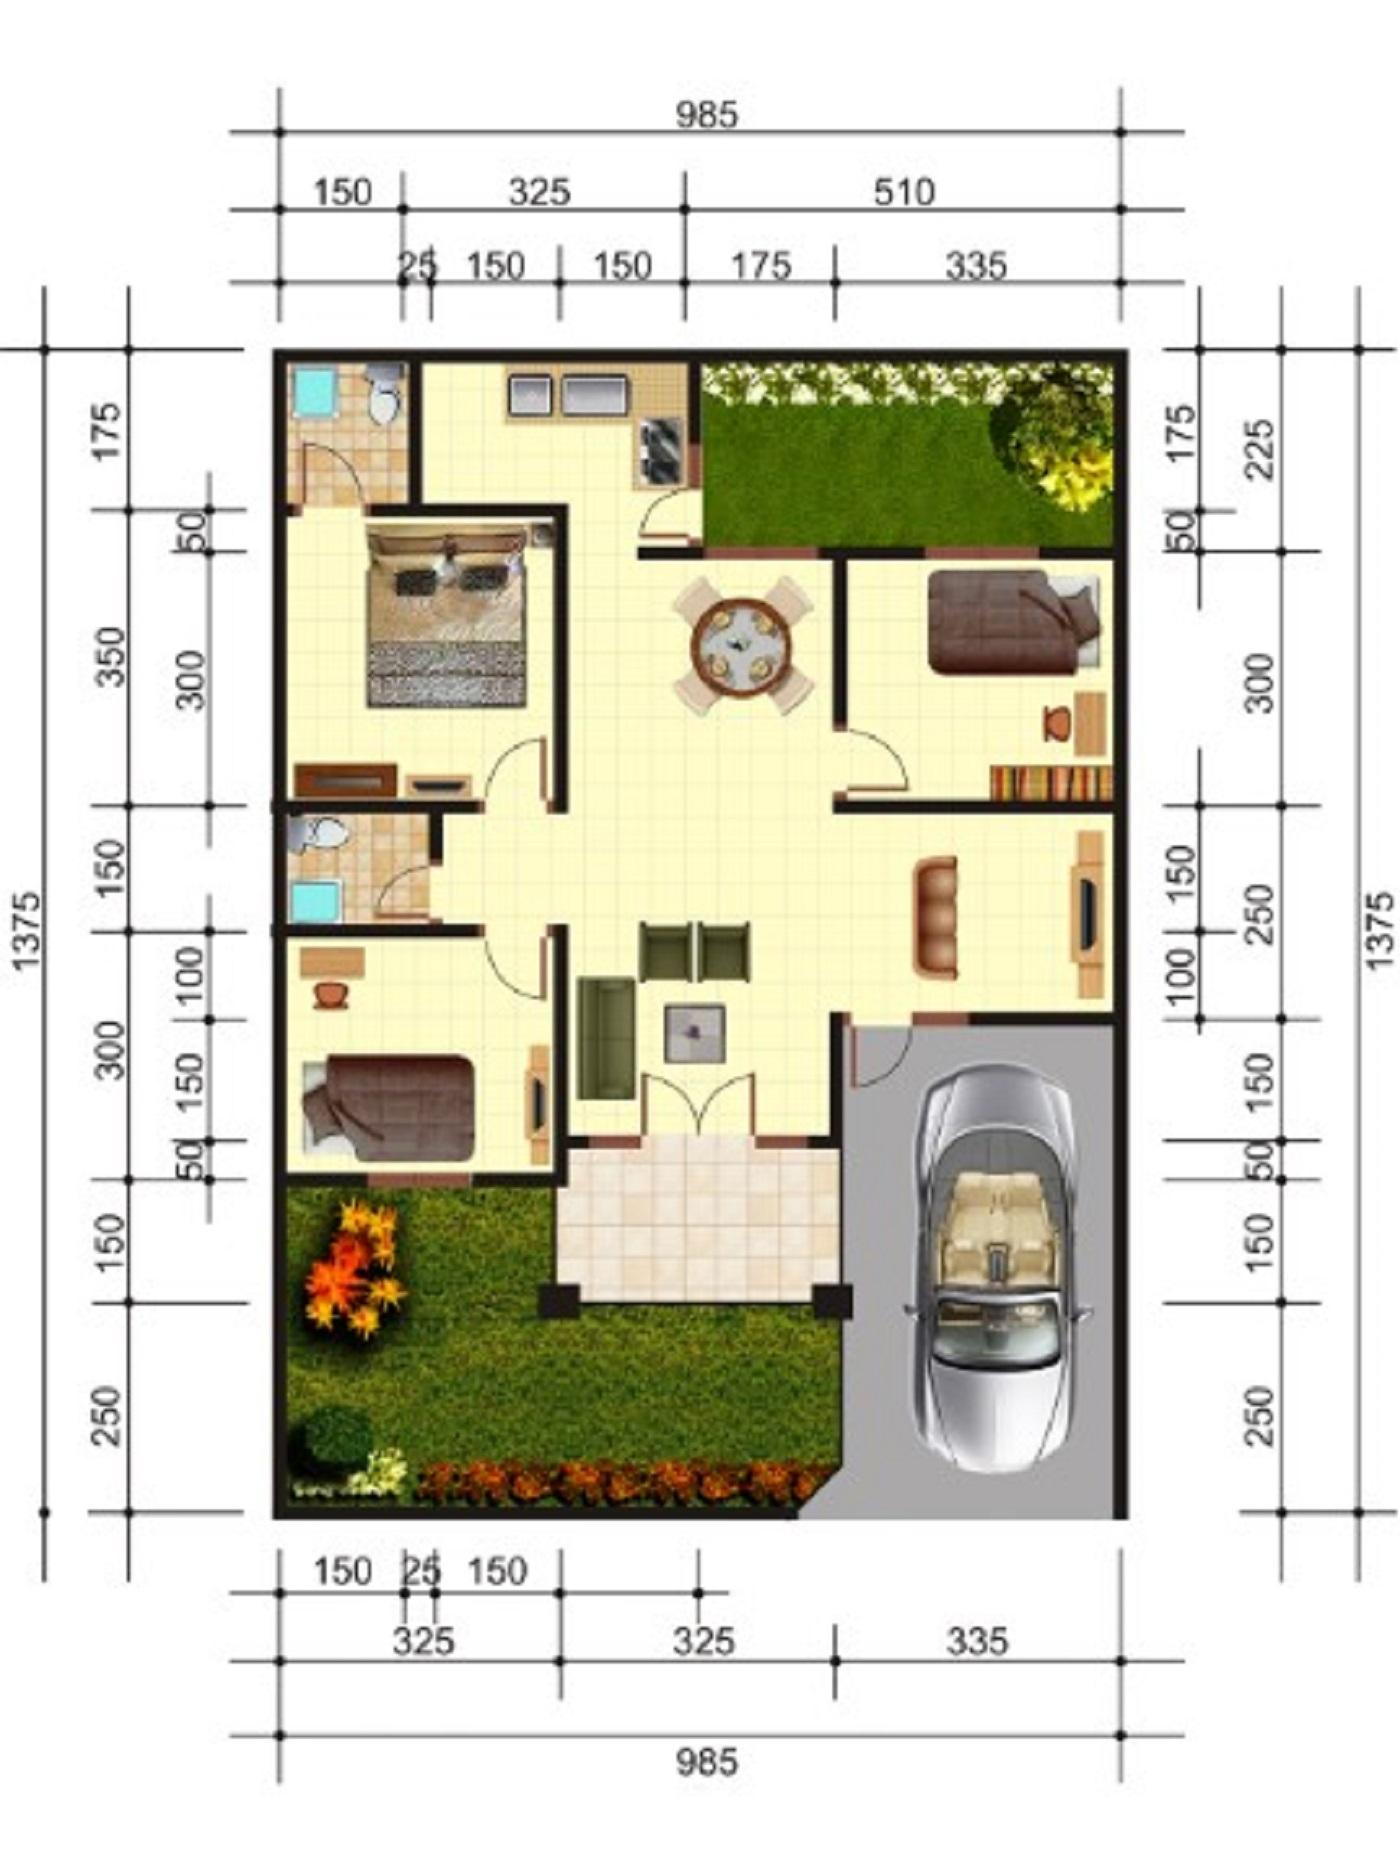 9000 Koleksi Gambar Rumah Minimalis 2 Lantai Ukuran 7x10 Terbaik